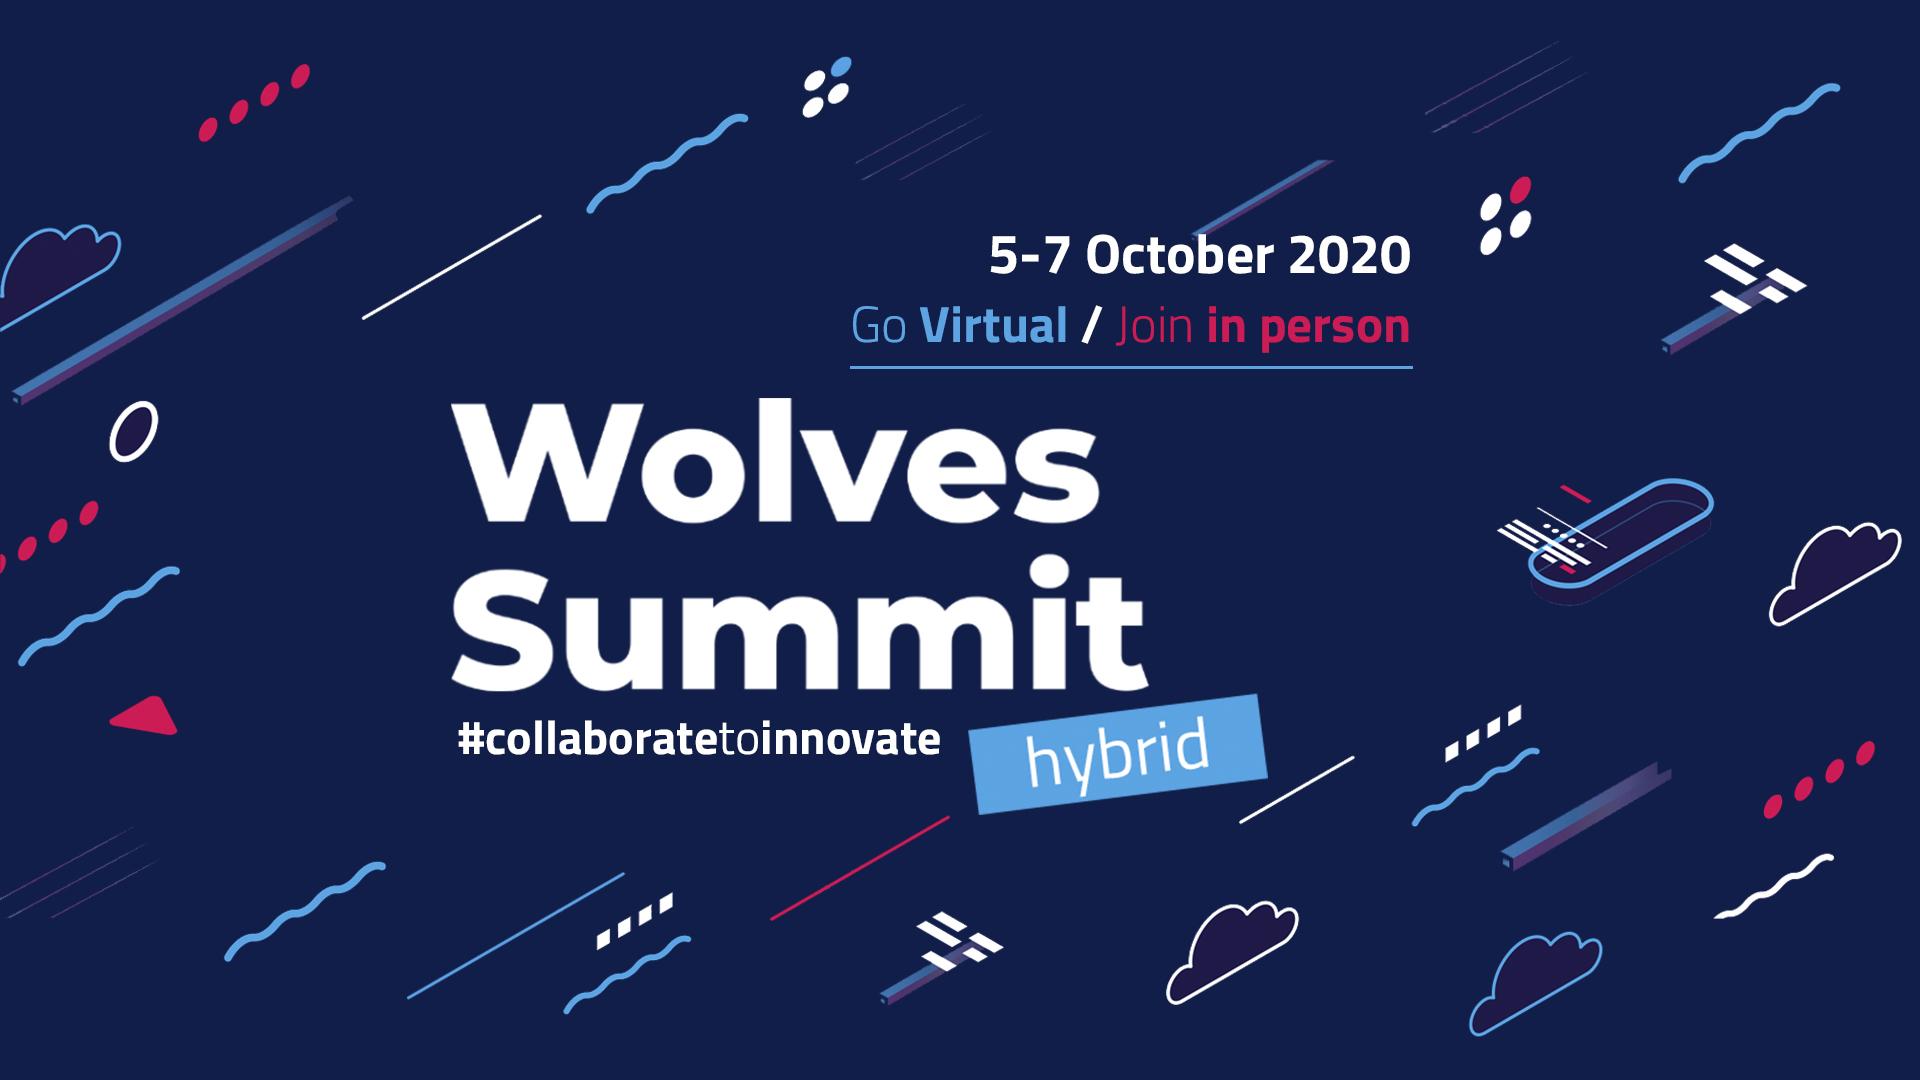 Twórz Wolves Summit razem z nami!